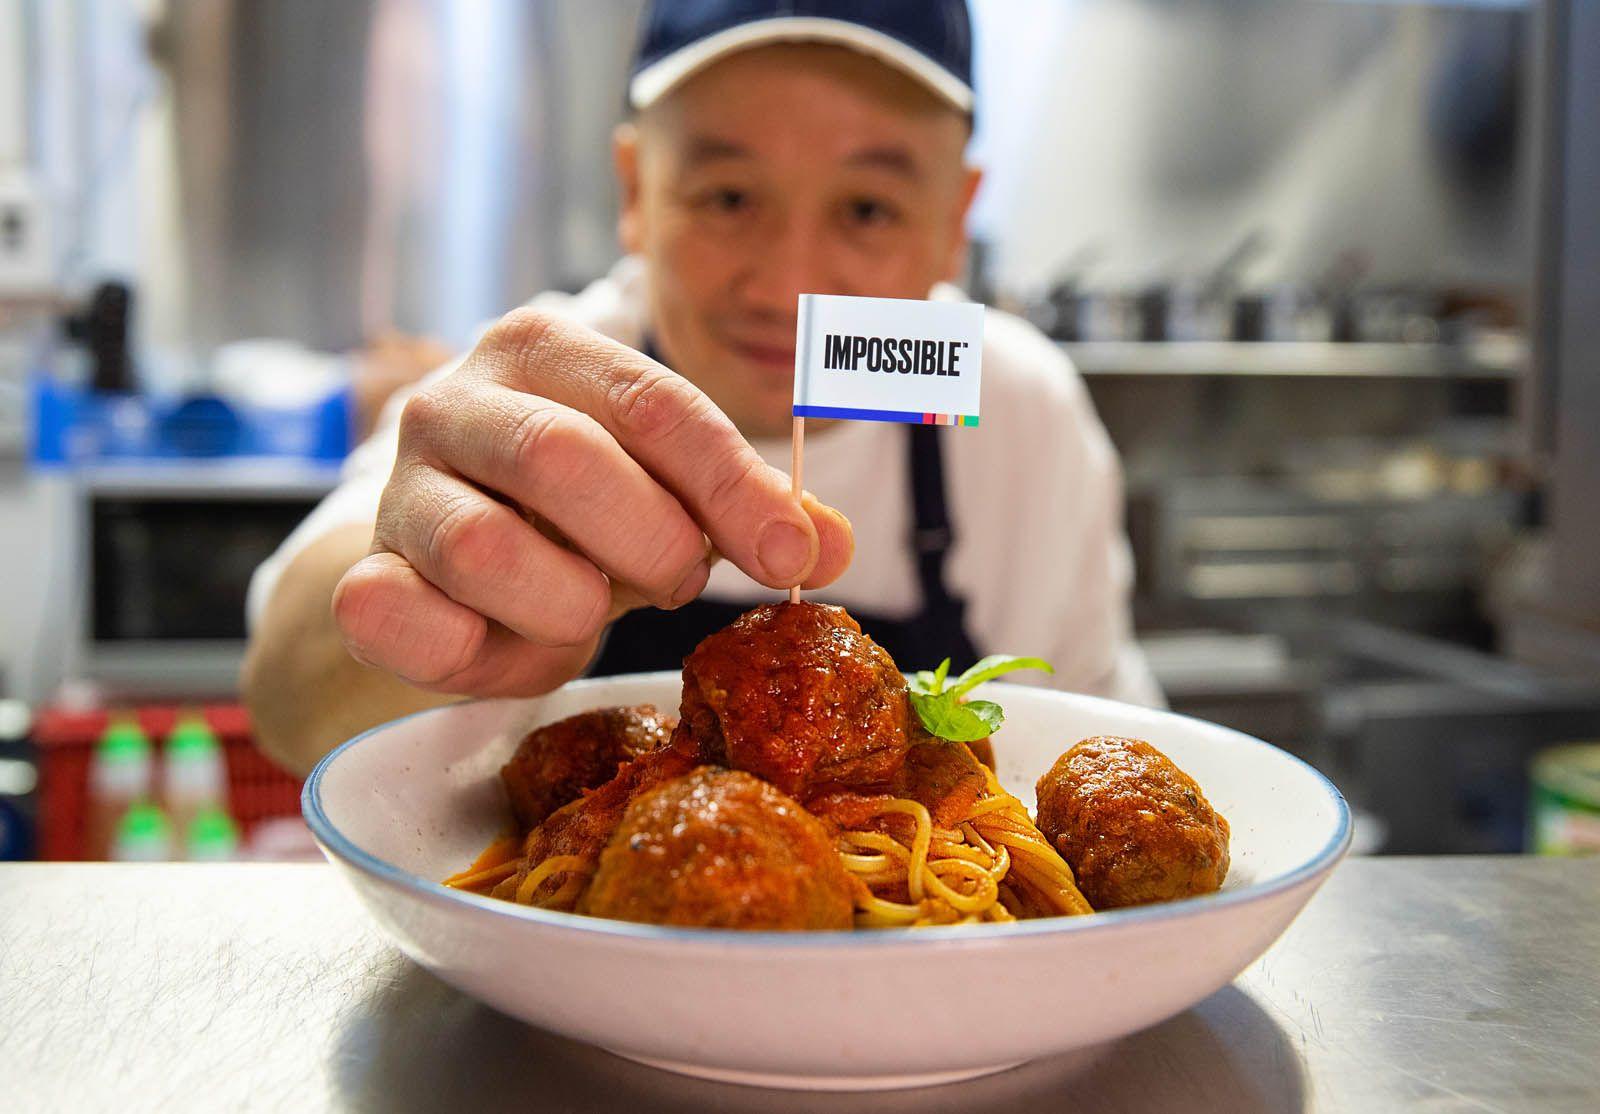 Impossible Spaghetti (Photo: Privé)